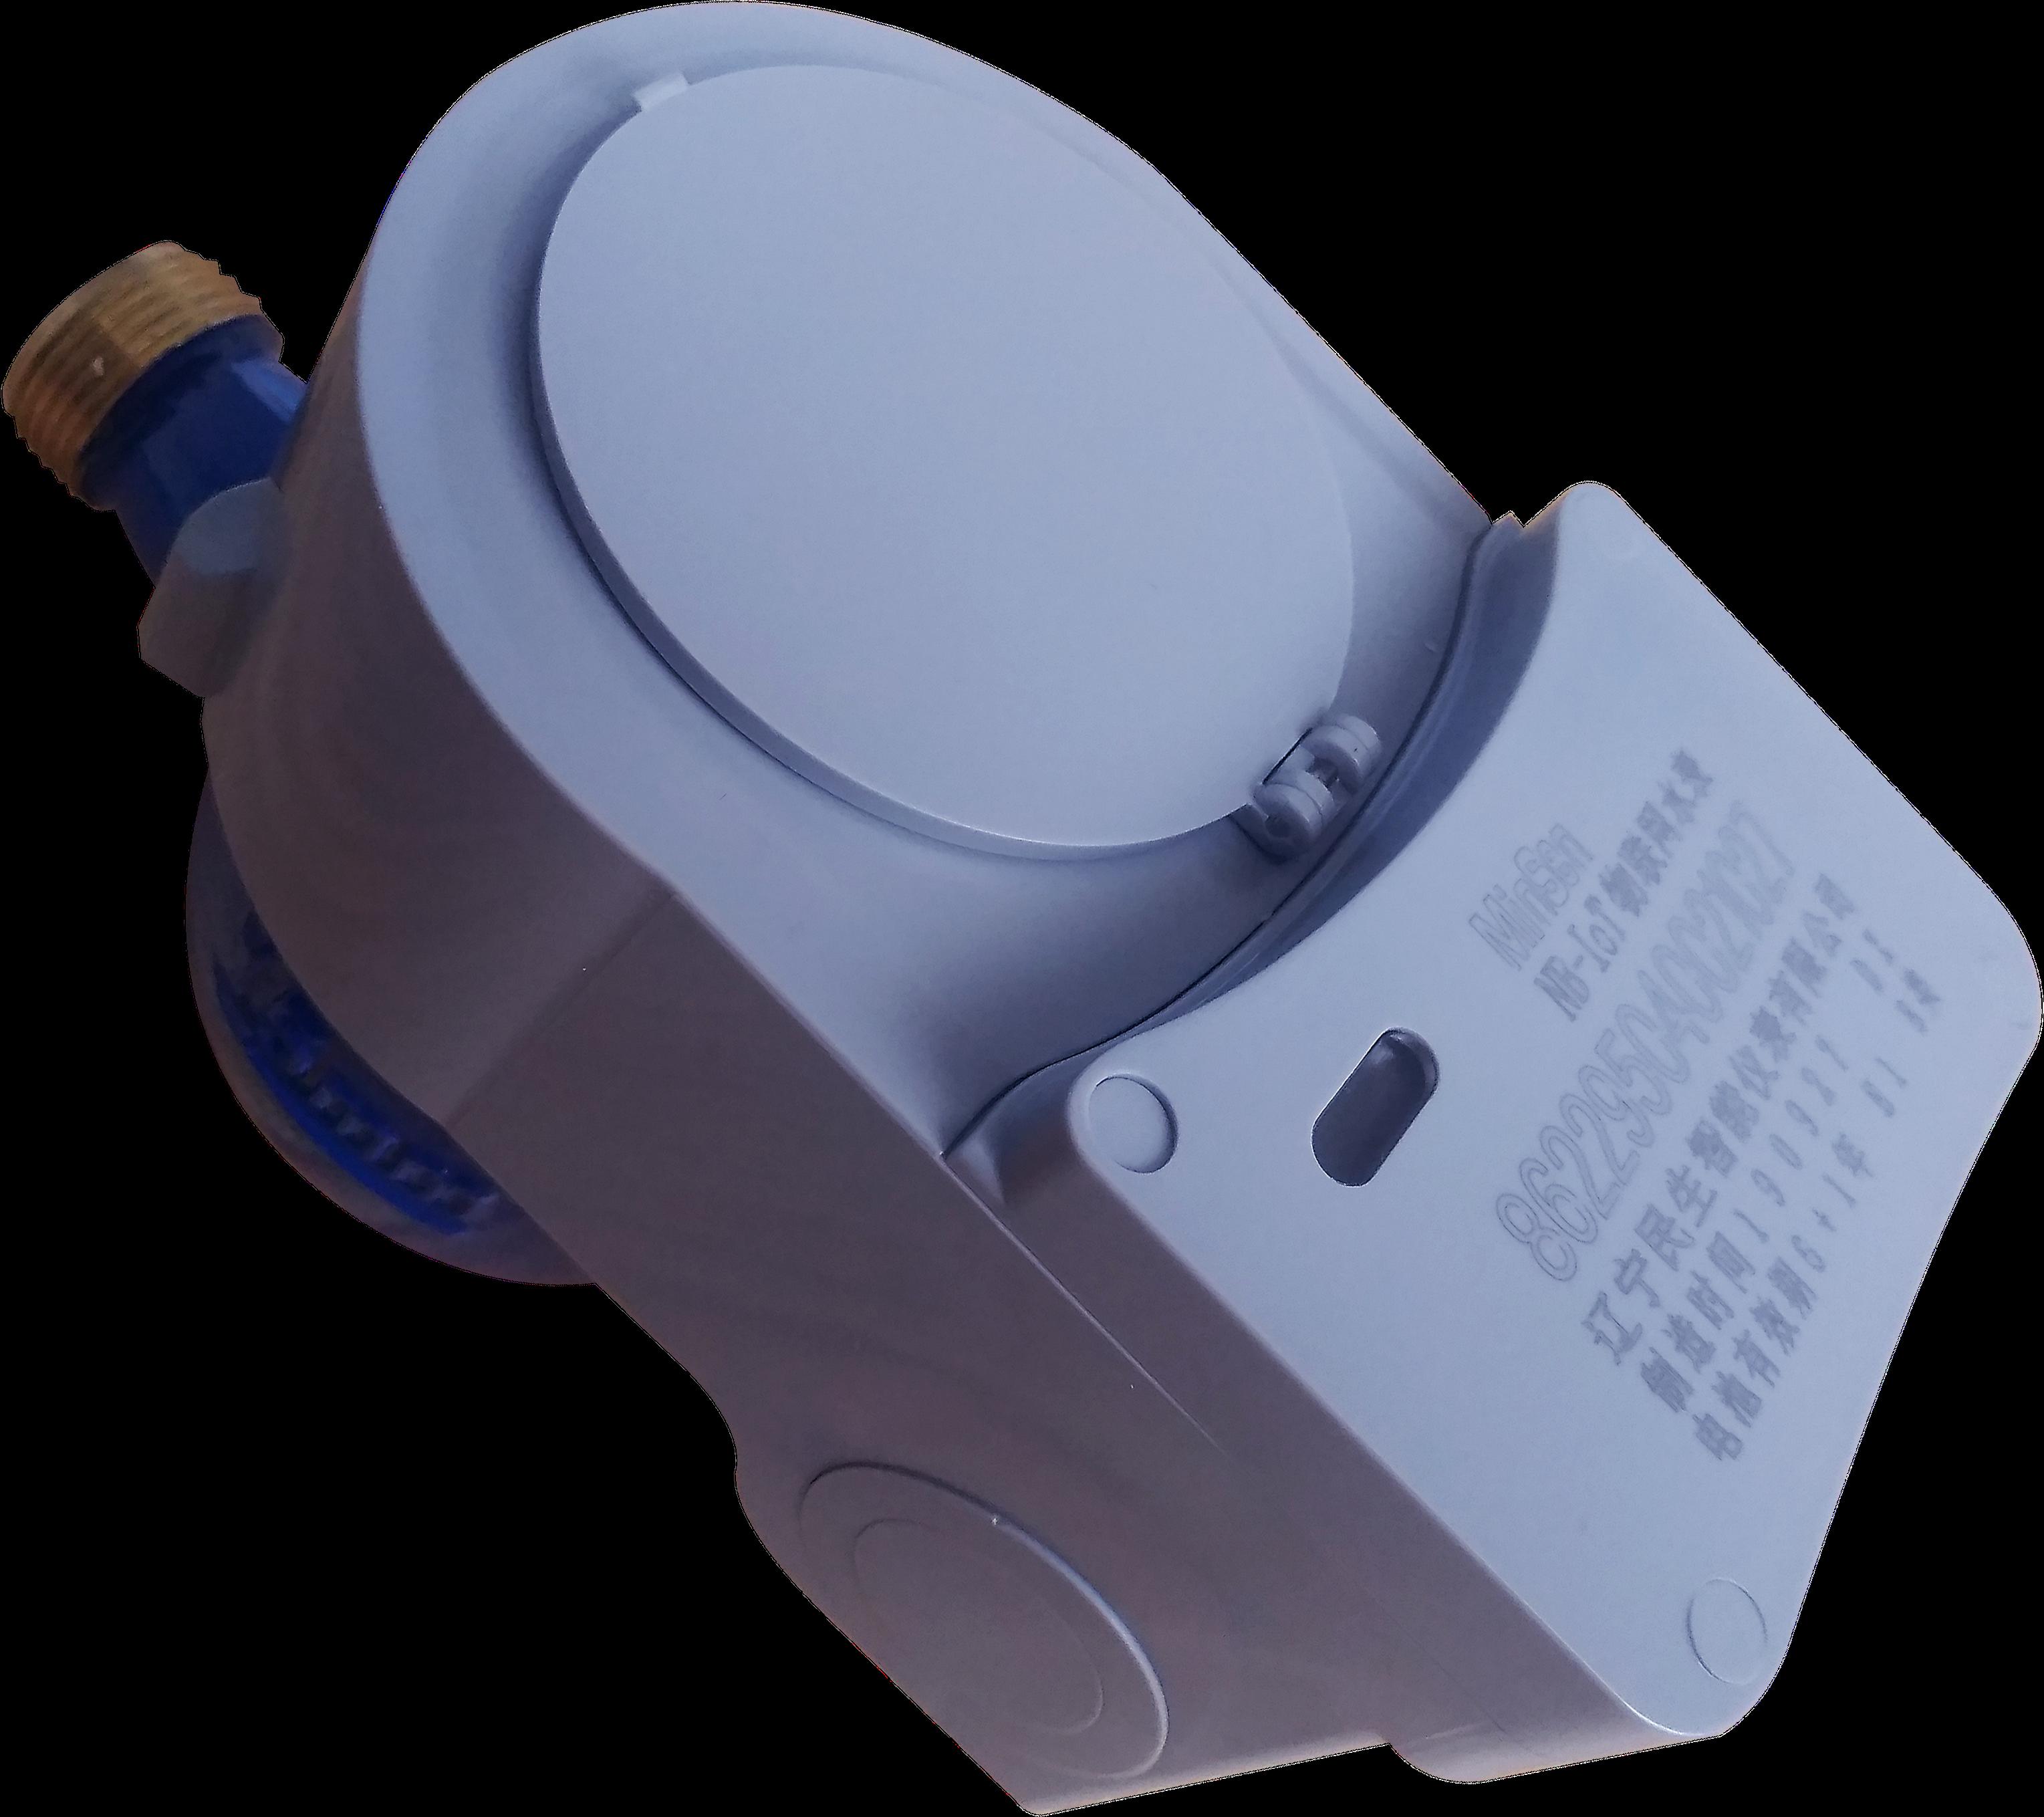 产品抠图-2智慧水务-NB-IoT物联网水表